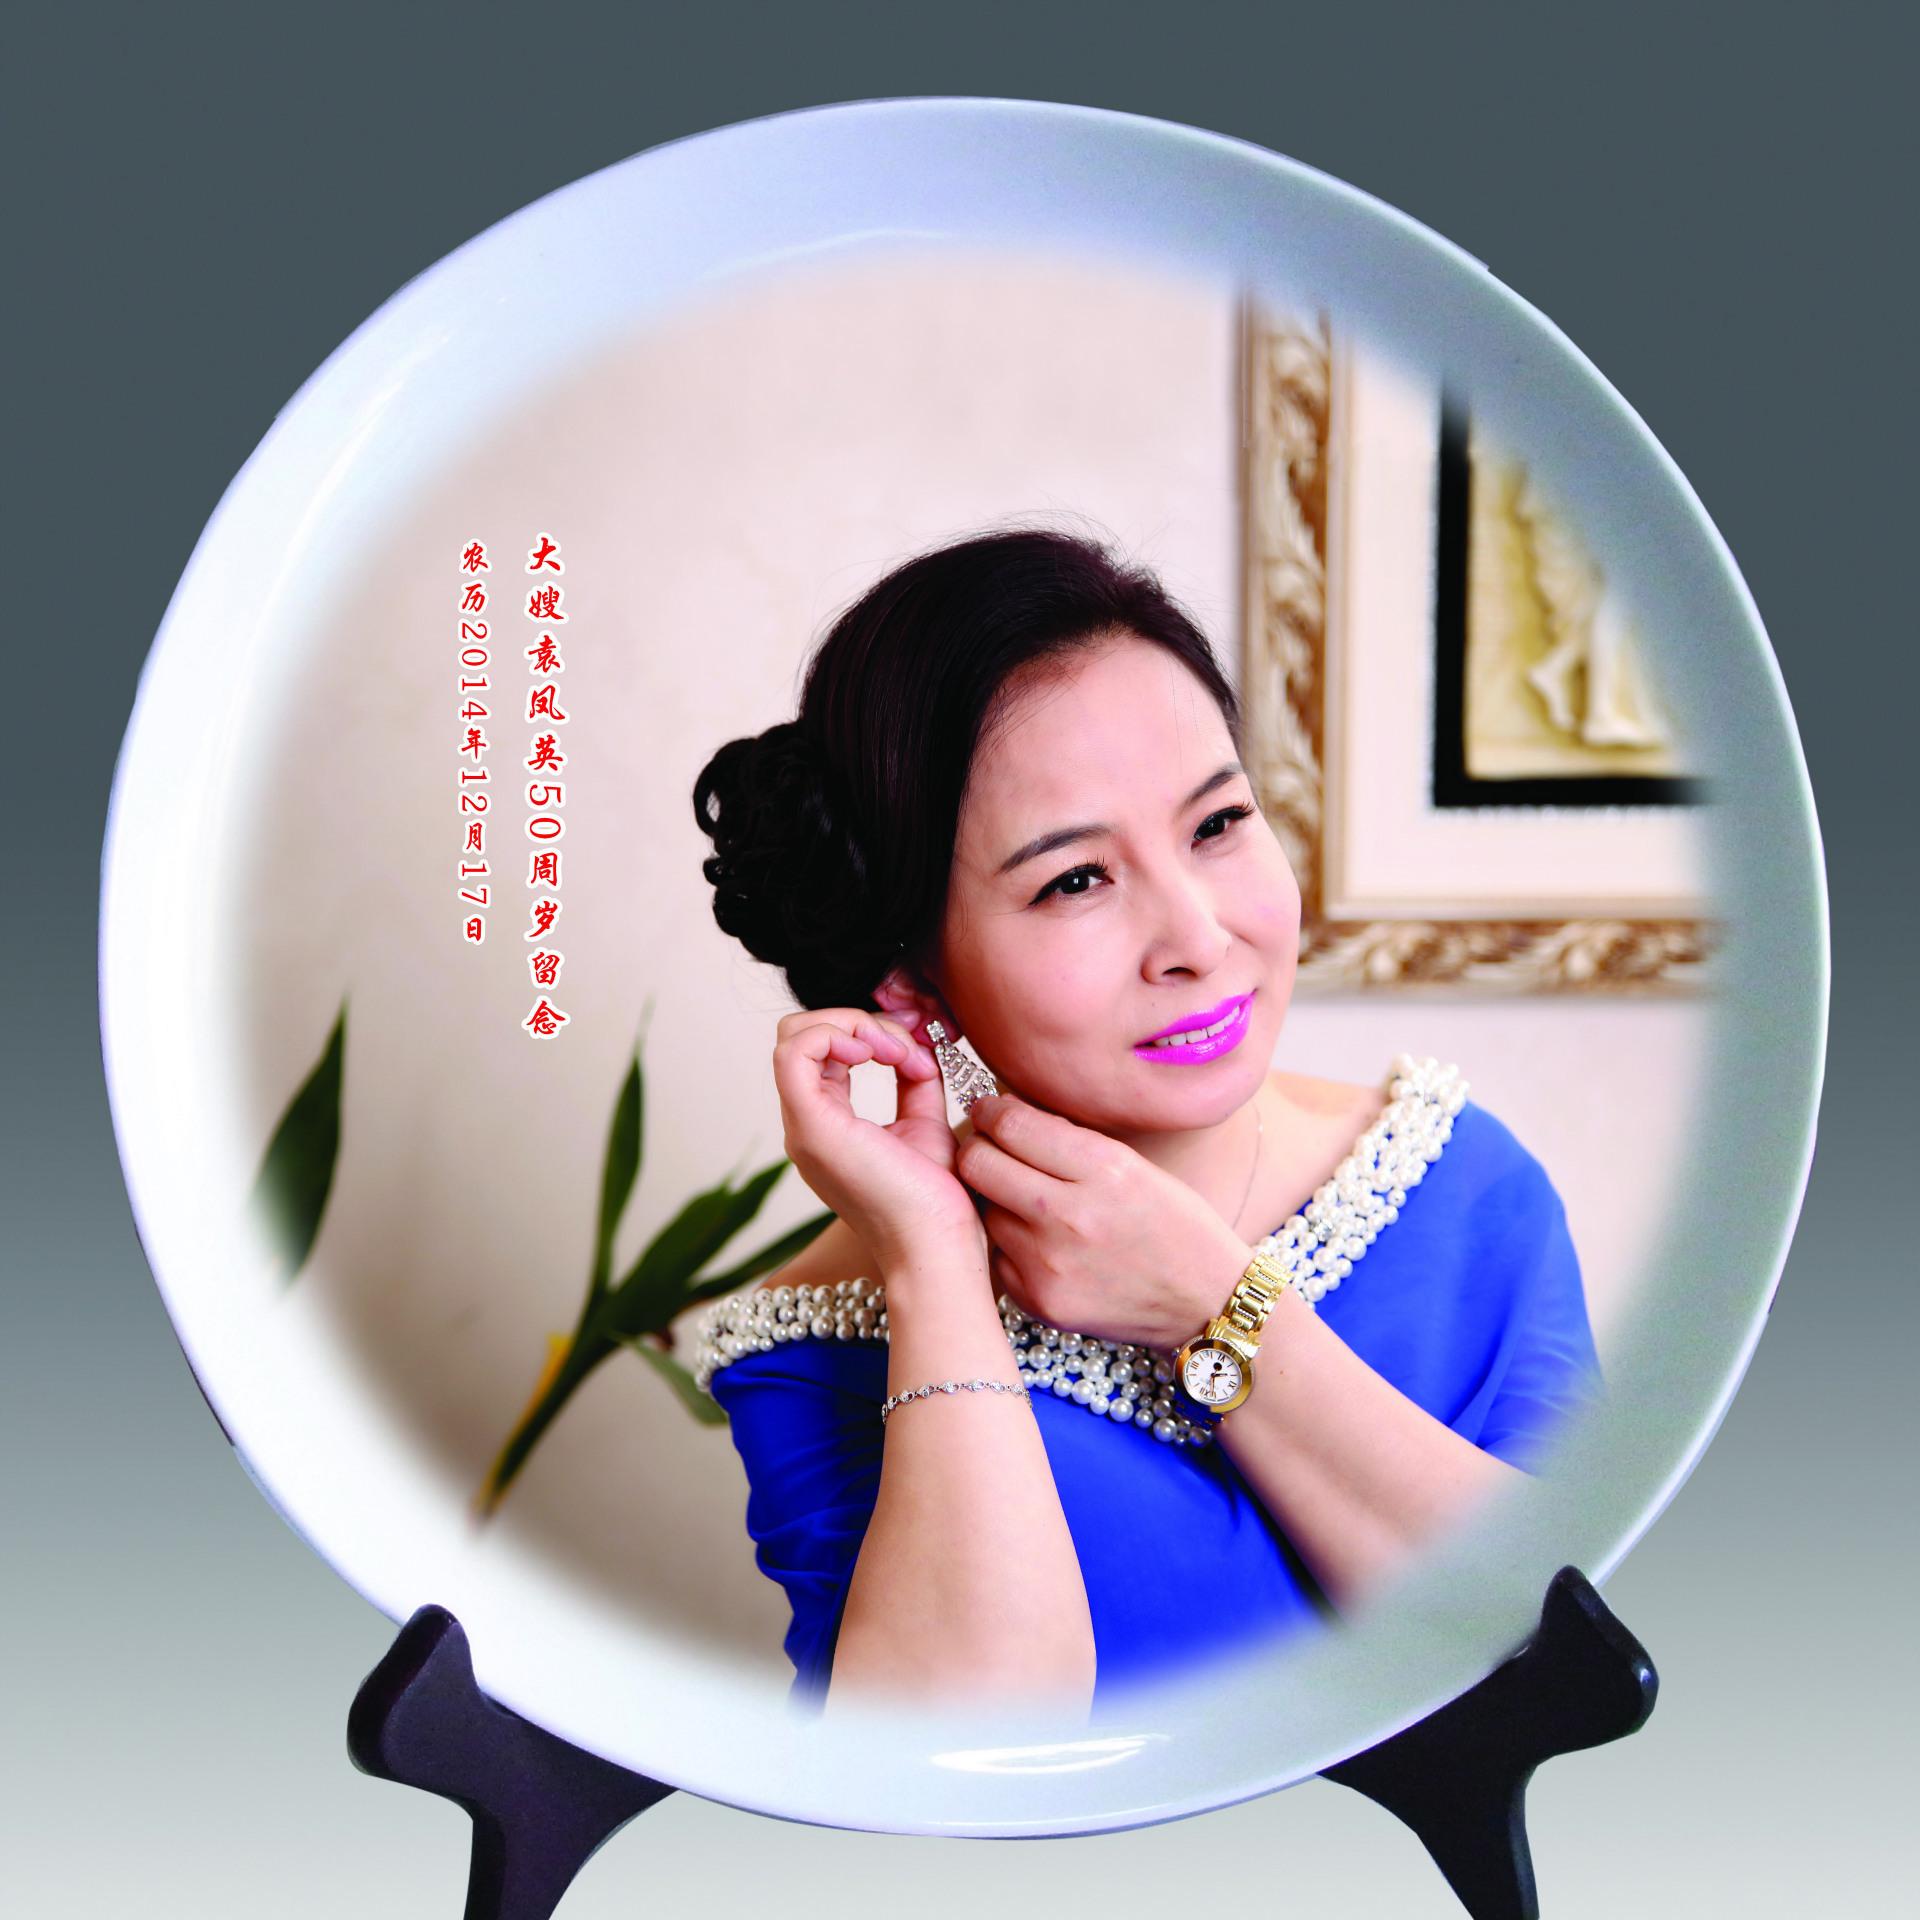 北京人像工艺瓷盘厂家 专业人像瓷盘制作 定制瓷盘照片